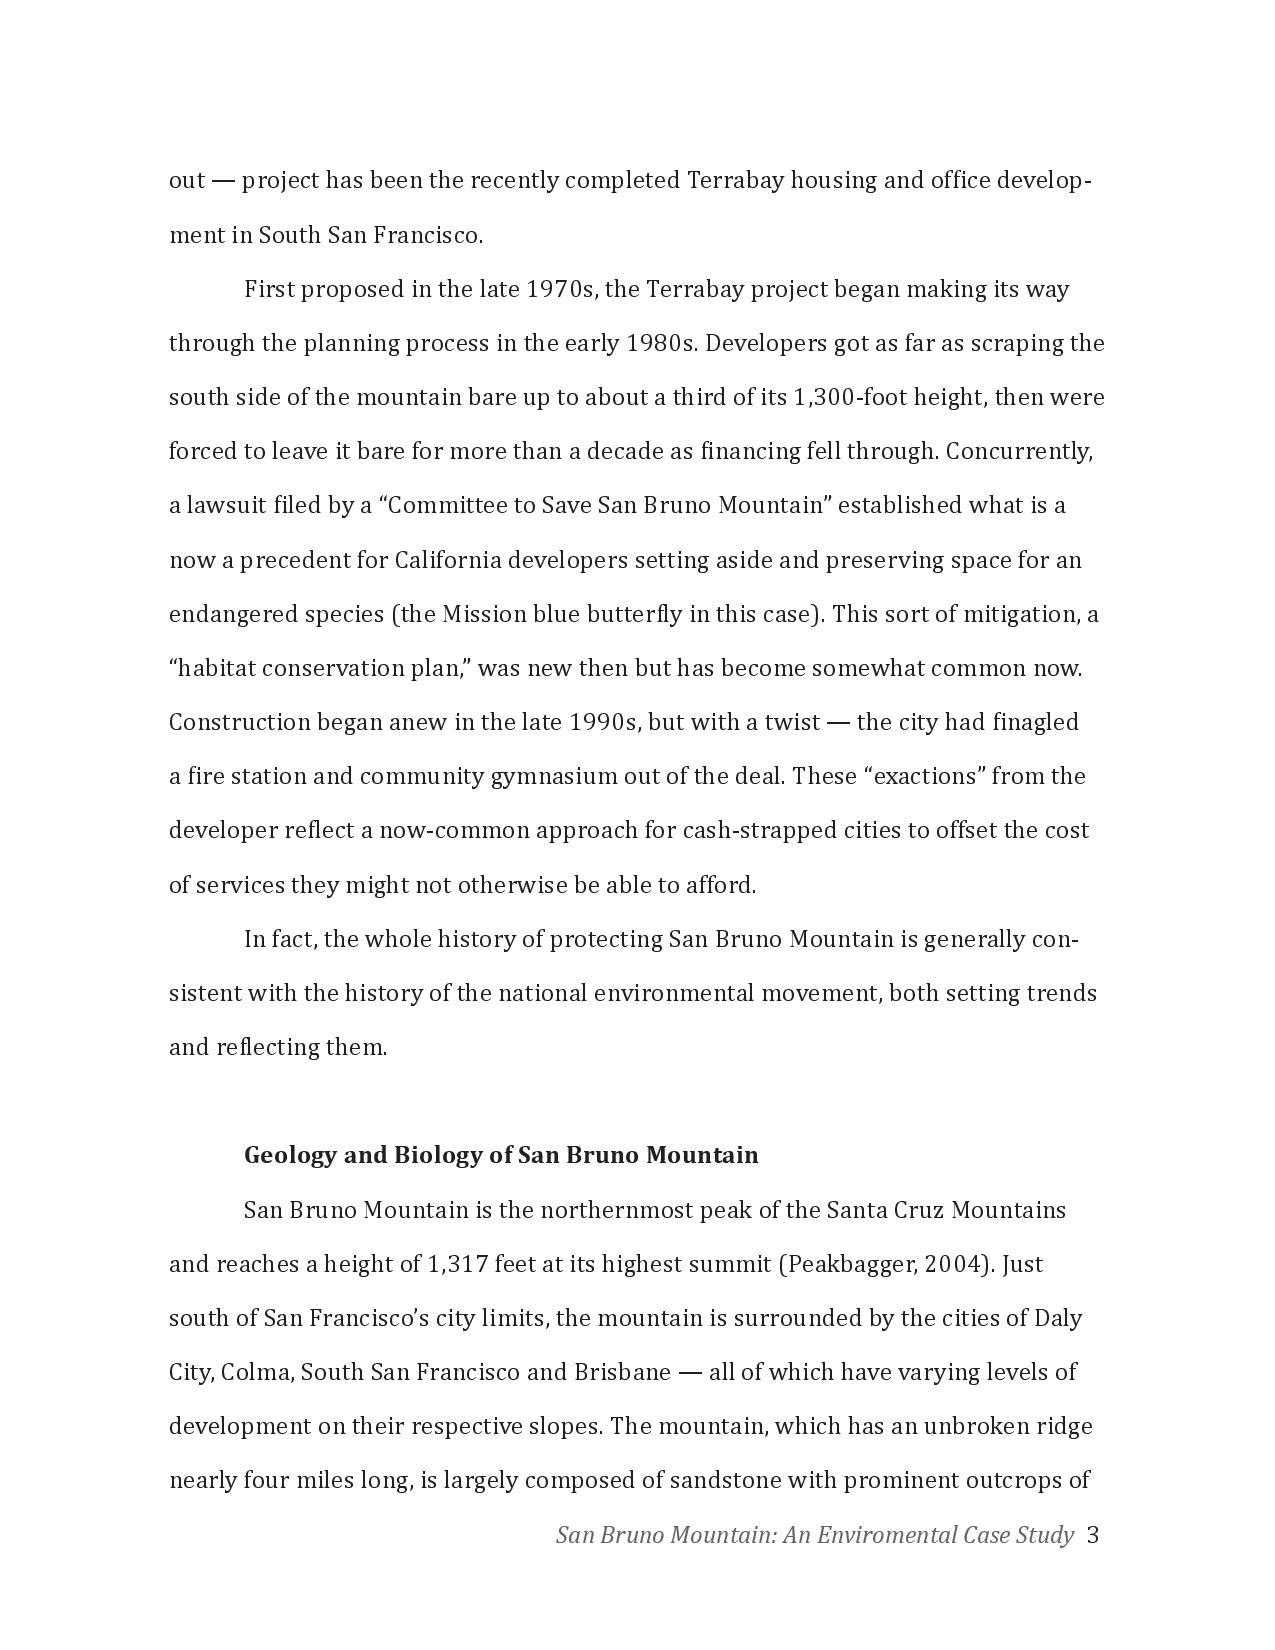 SBM An Environmental Case Study J Baker-page-003